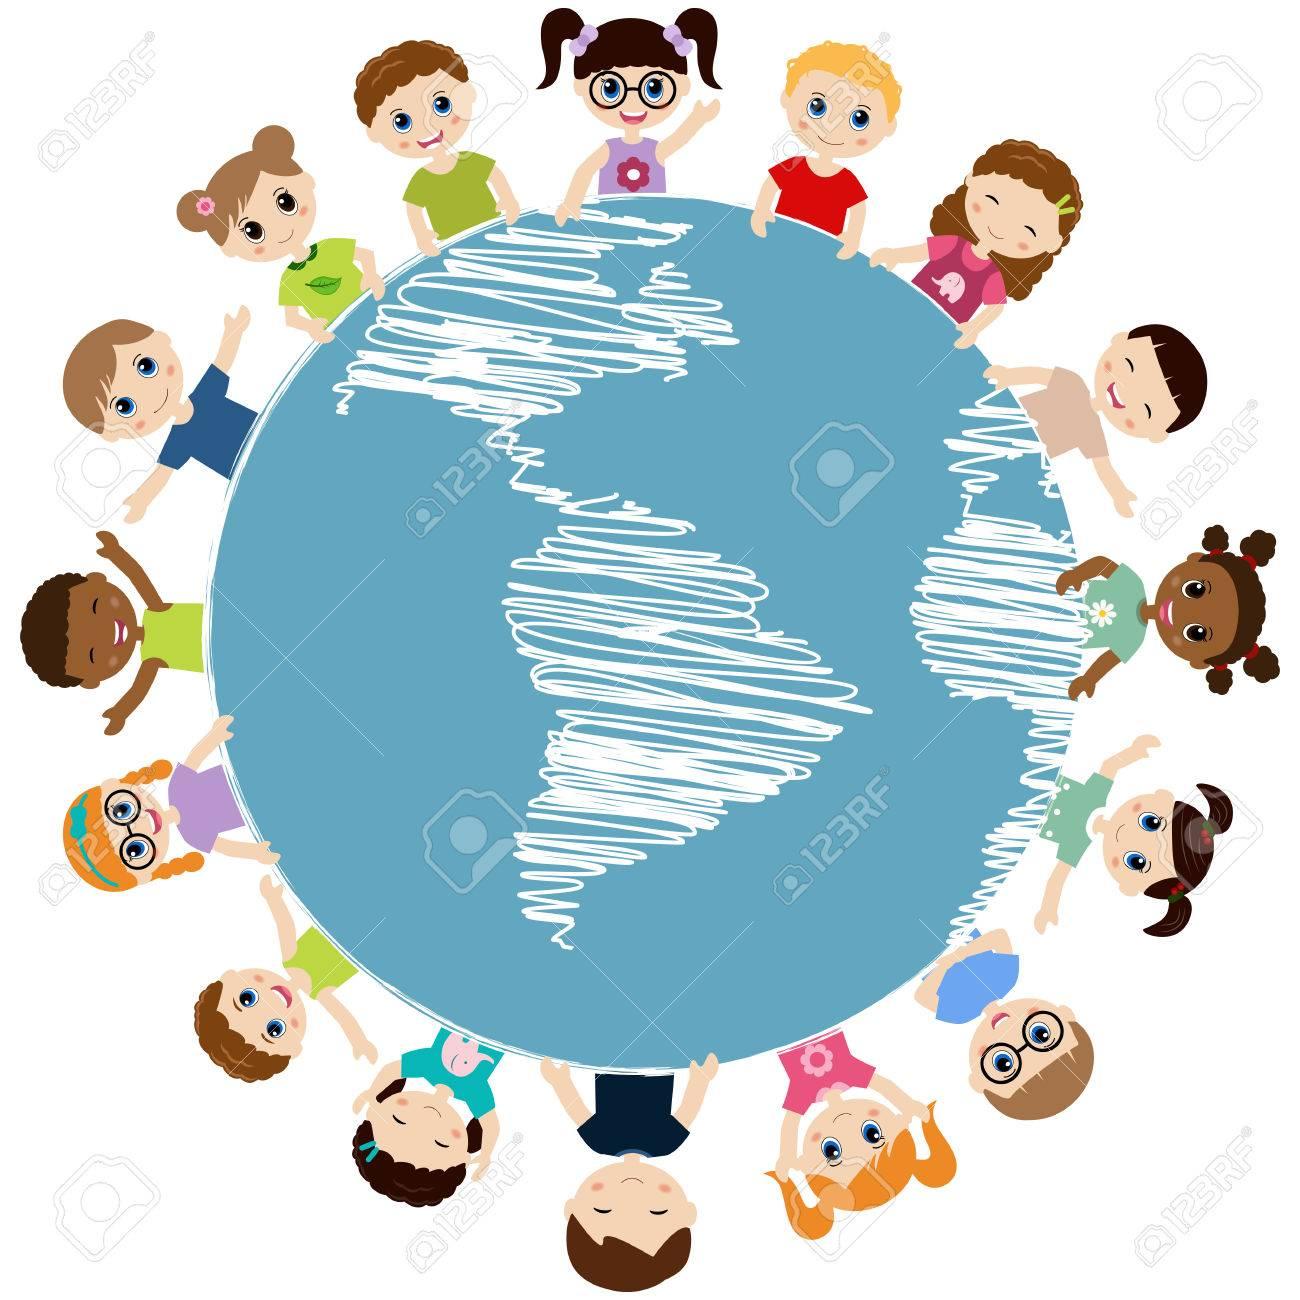 地球の周りの幸せな子供のイラスト のイラスト素材 ベクタ Image 54644260